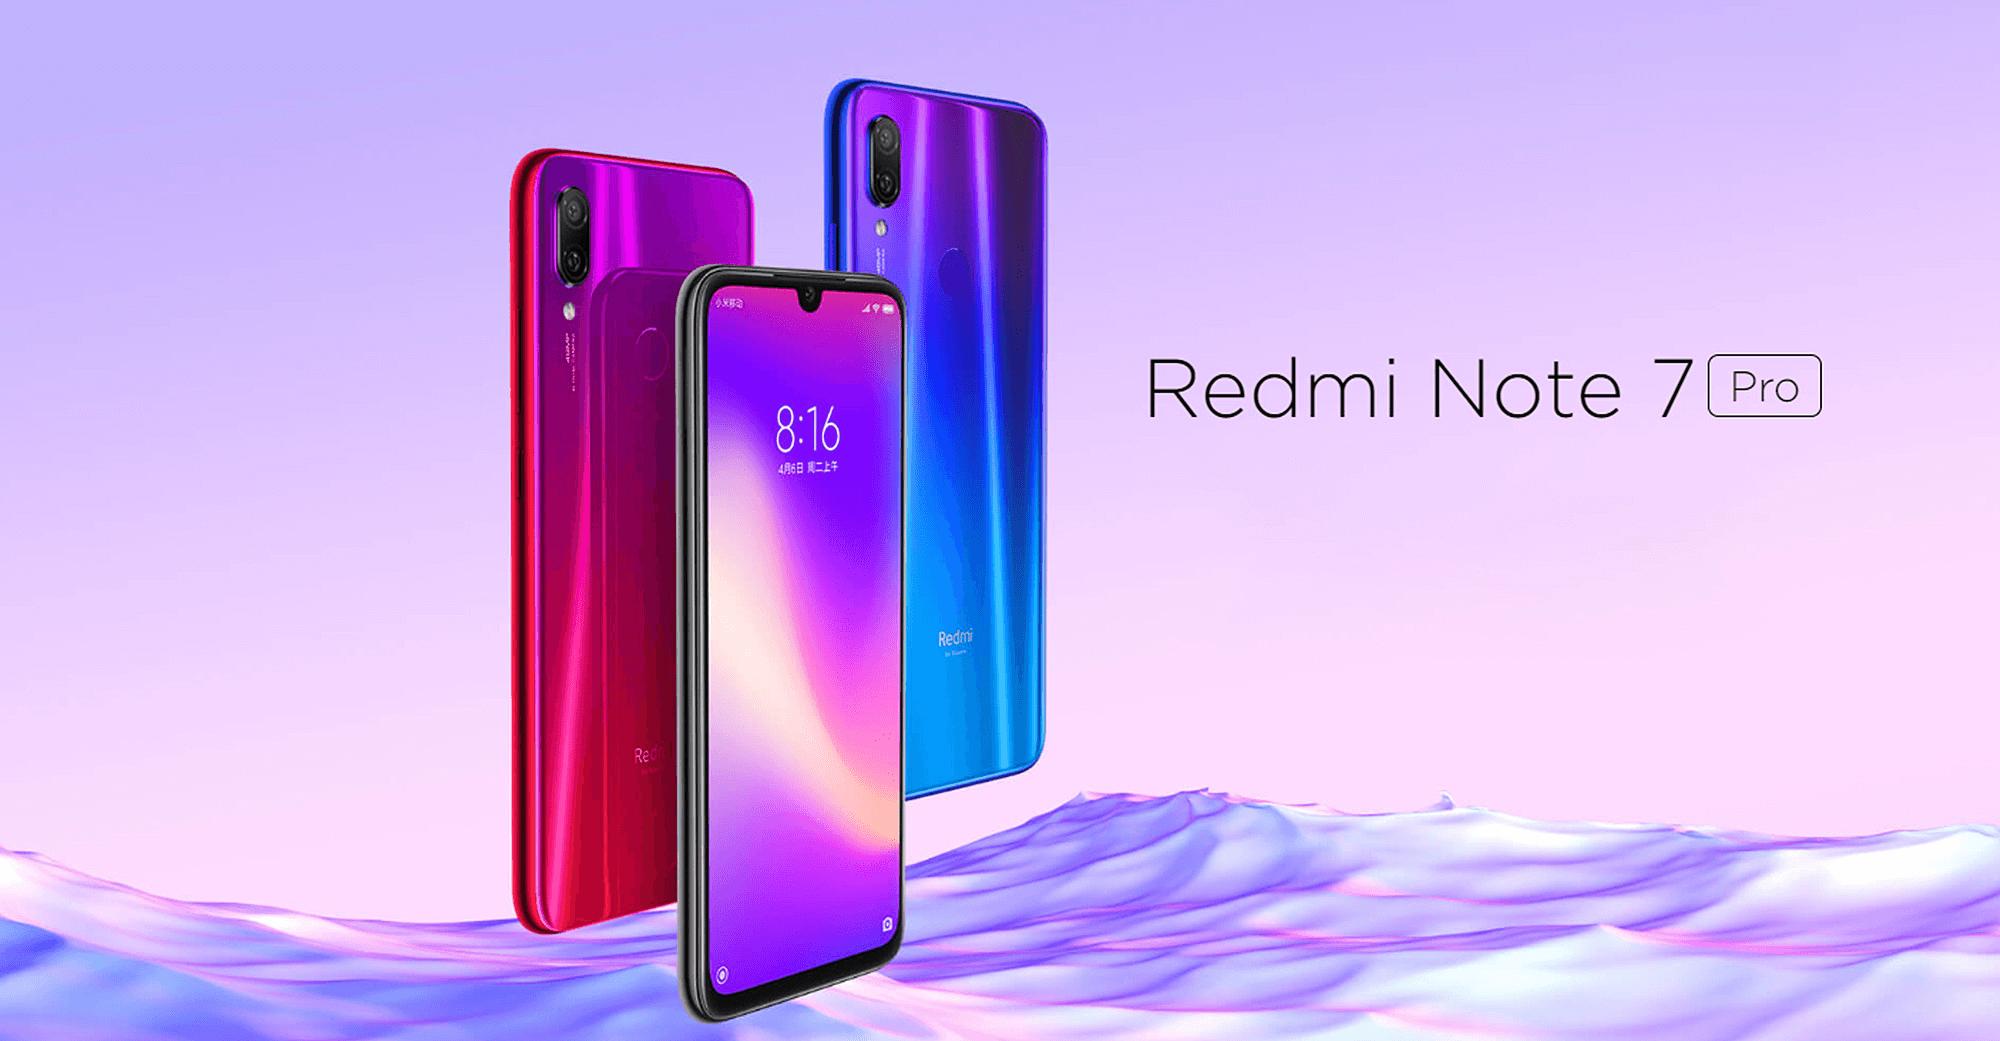 recuperar fotos excluídas do Redmi Note 7 Pro